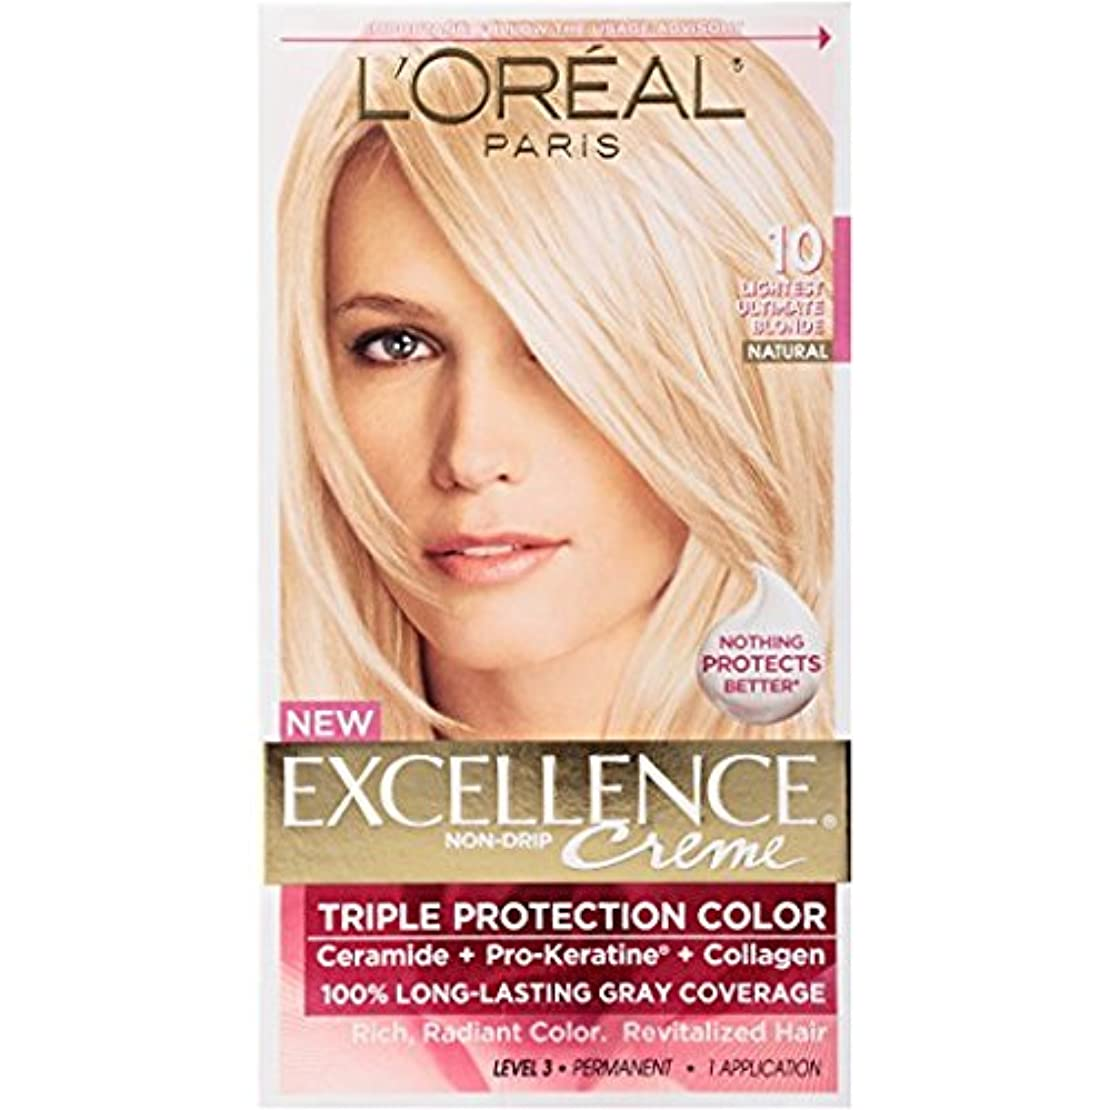 合理化抵当群集ロレアル L'Oreal Paris Excellence Creme Pro - Keratine 10 Light Ultimate Blonde ブロンド ヘアダイ [並行輸入品]